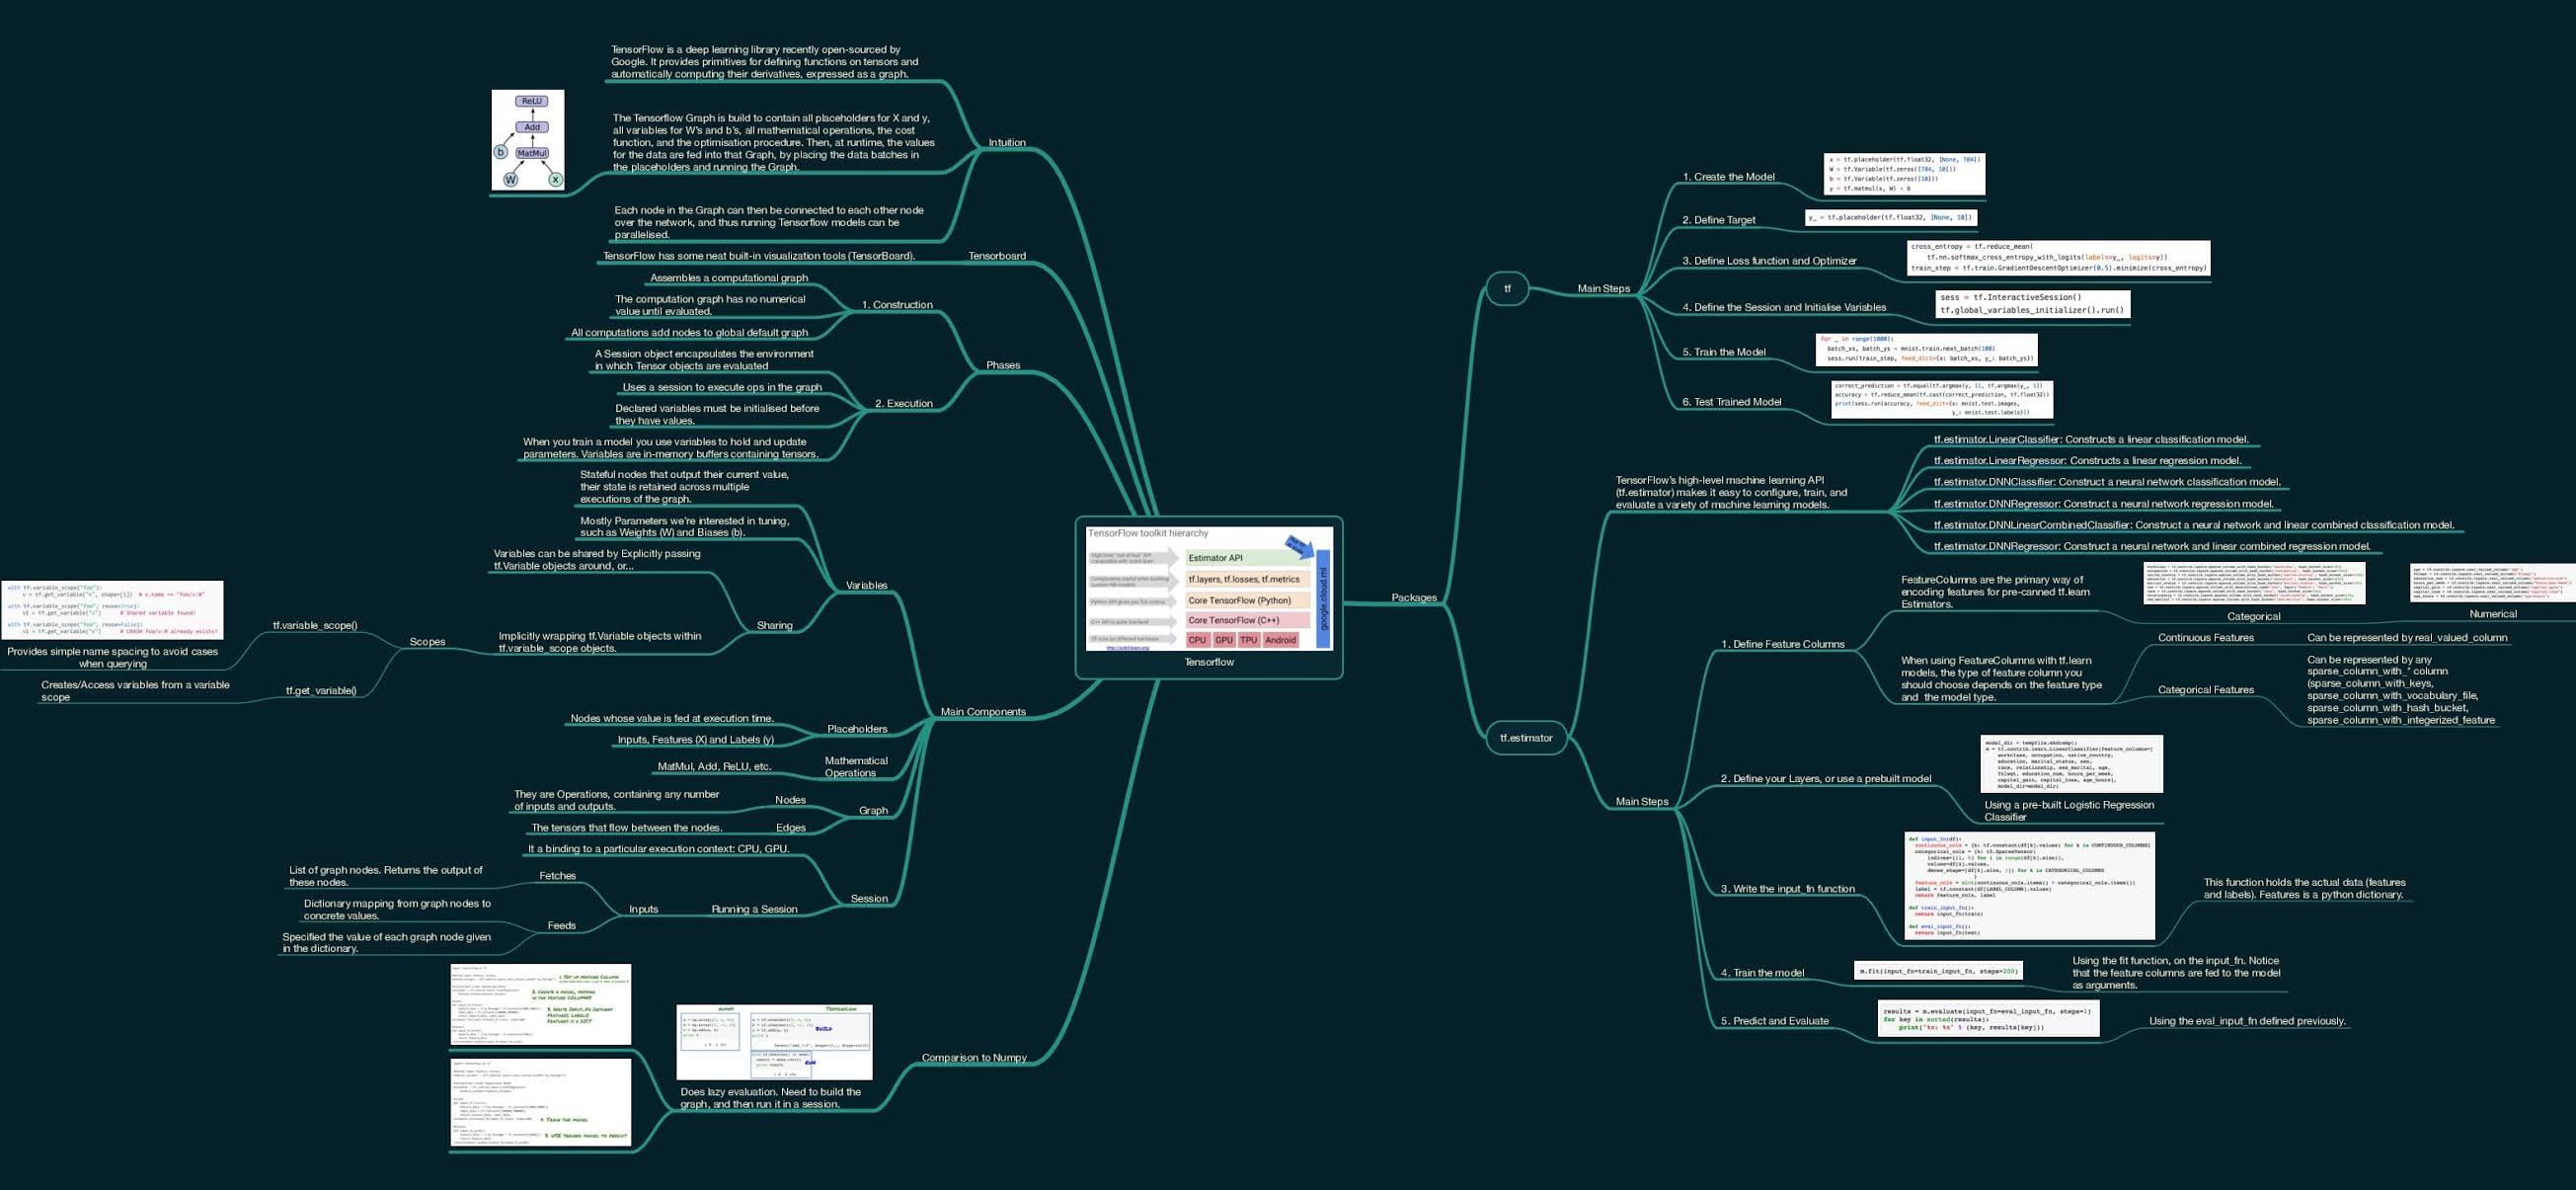 Tensorflow Roadmap - Deep Learning Roadmap 2021 (Github)